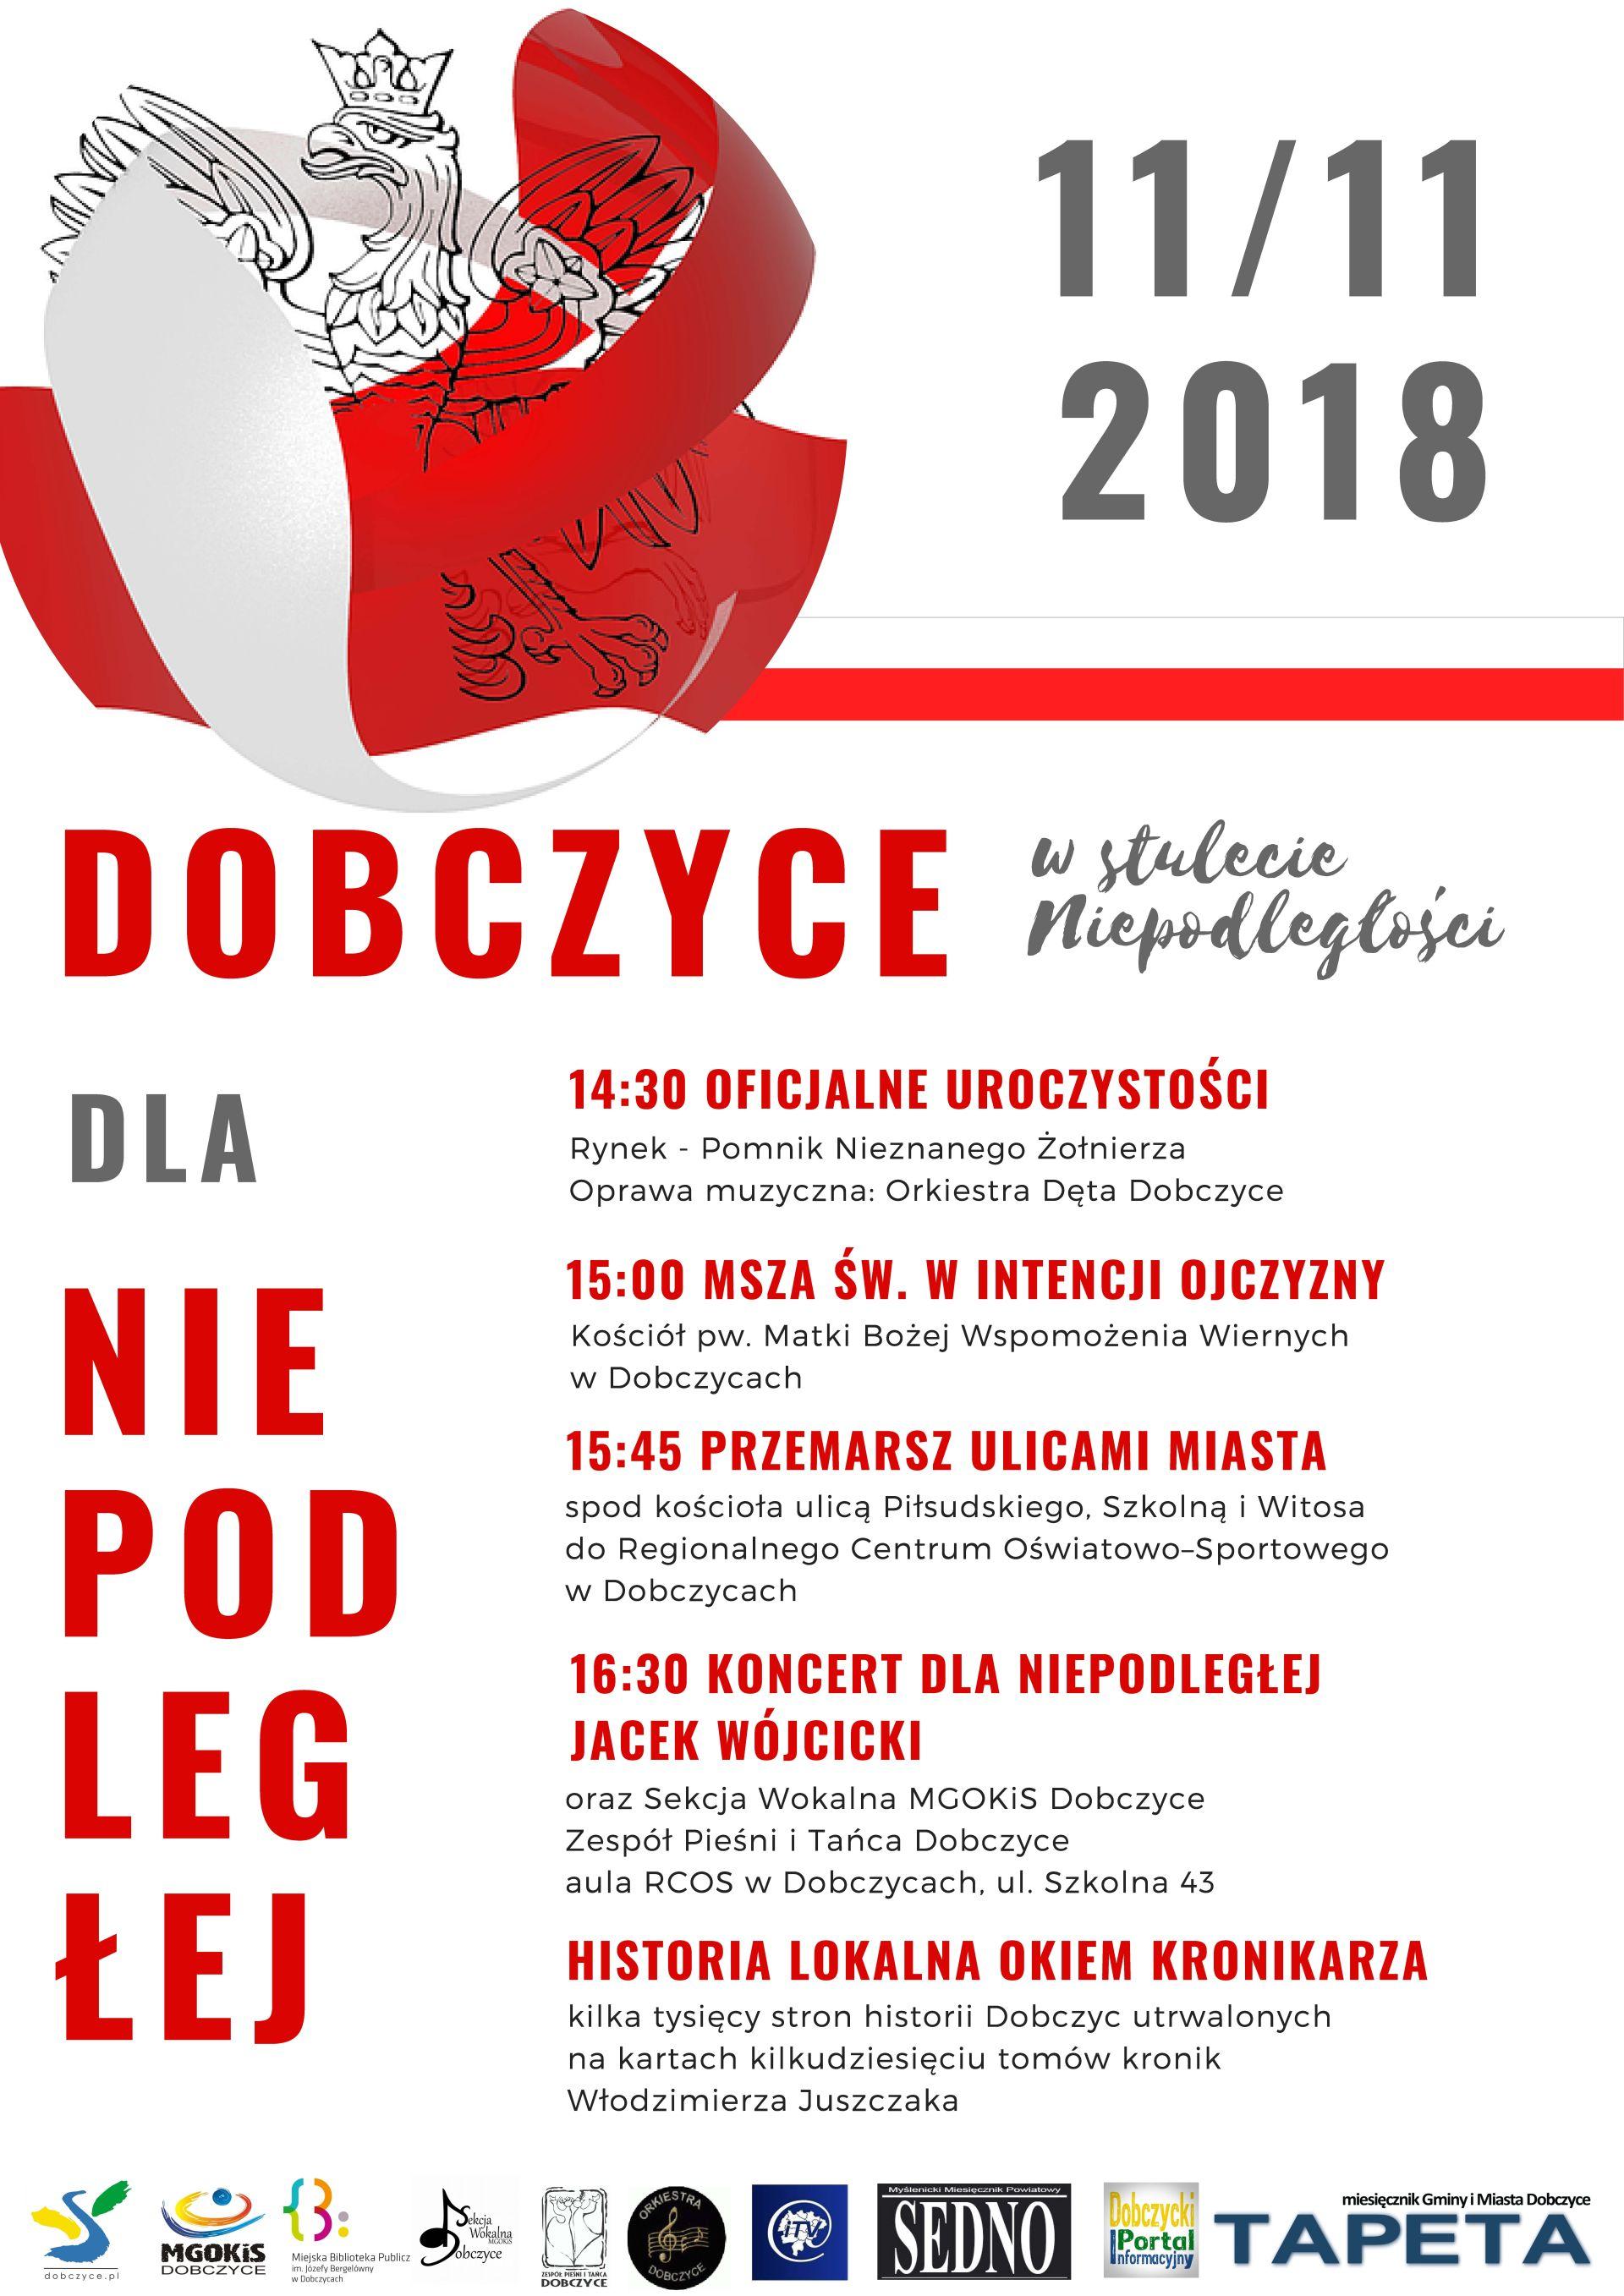 Obchody święta Niepodległości W Dobczycach Serwis